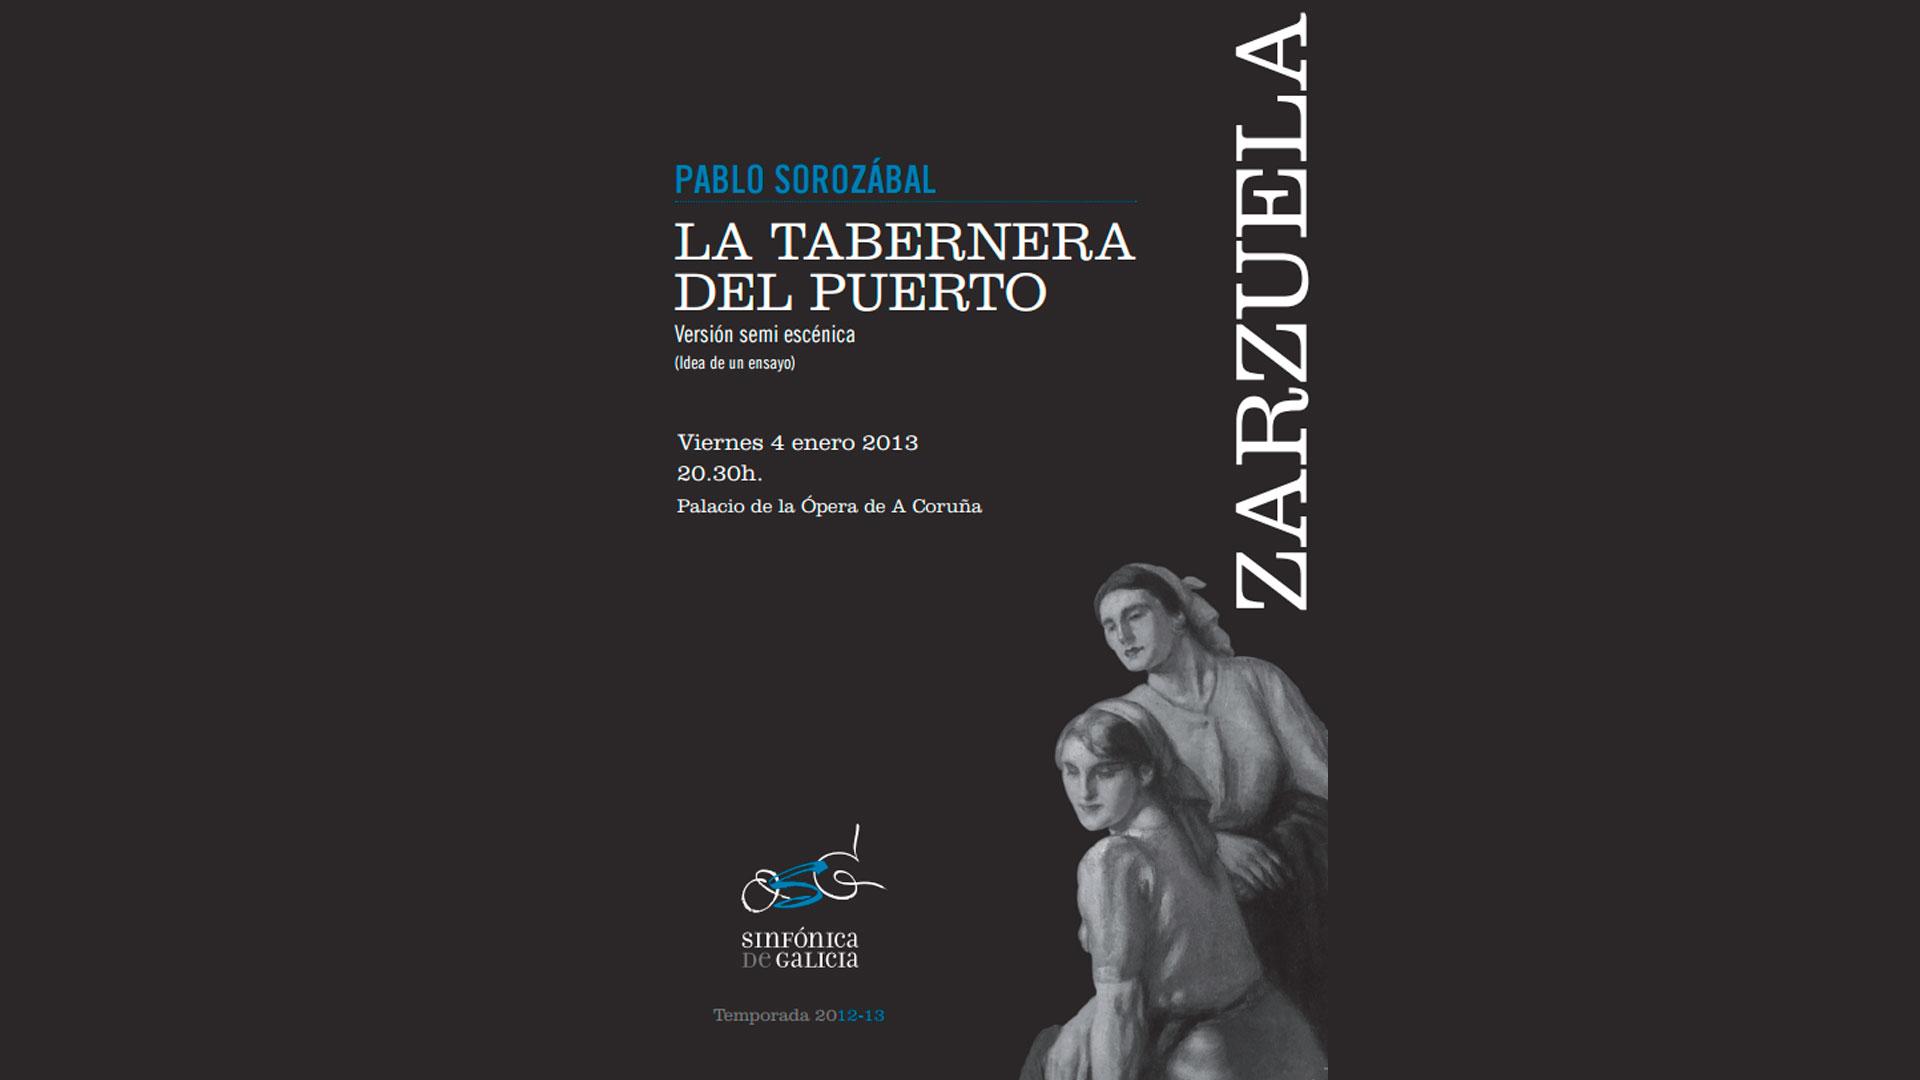 Ya está disponible el programa de mano de La Tabernera del Puerto de la función del próximo 4 de enero.